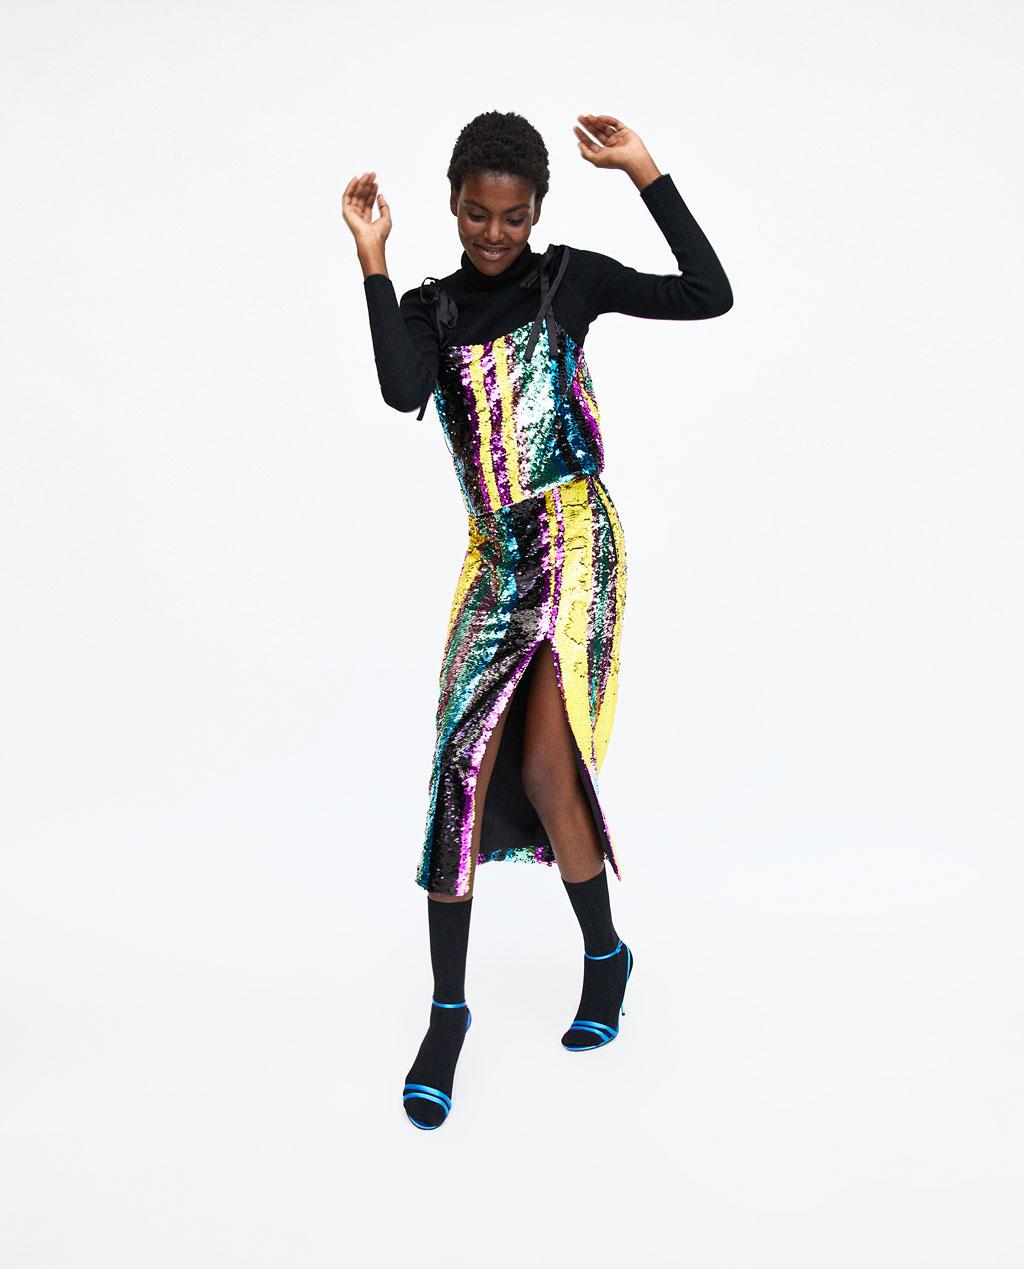 Zara Sequinned Top - £24.99